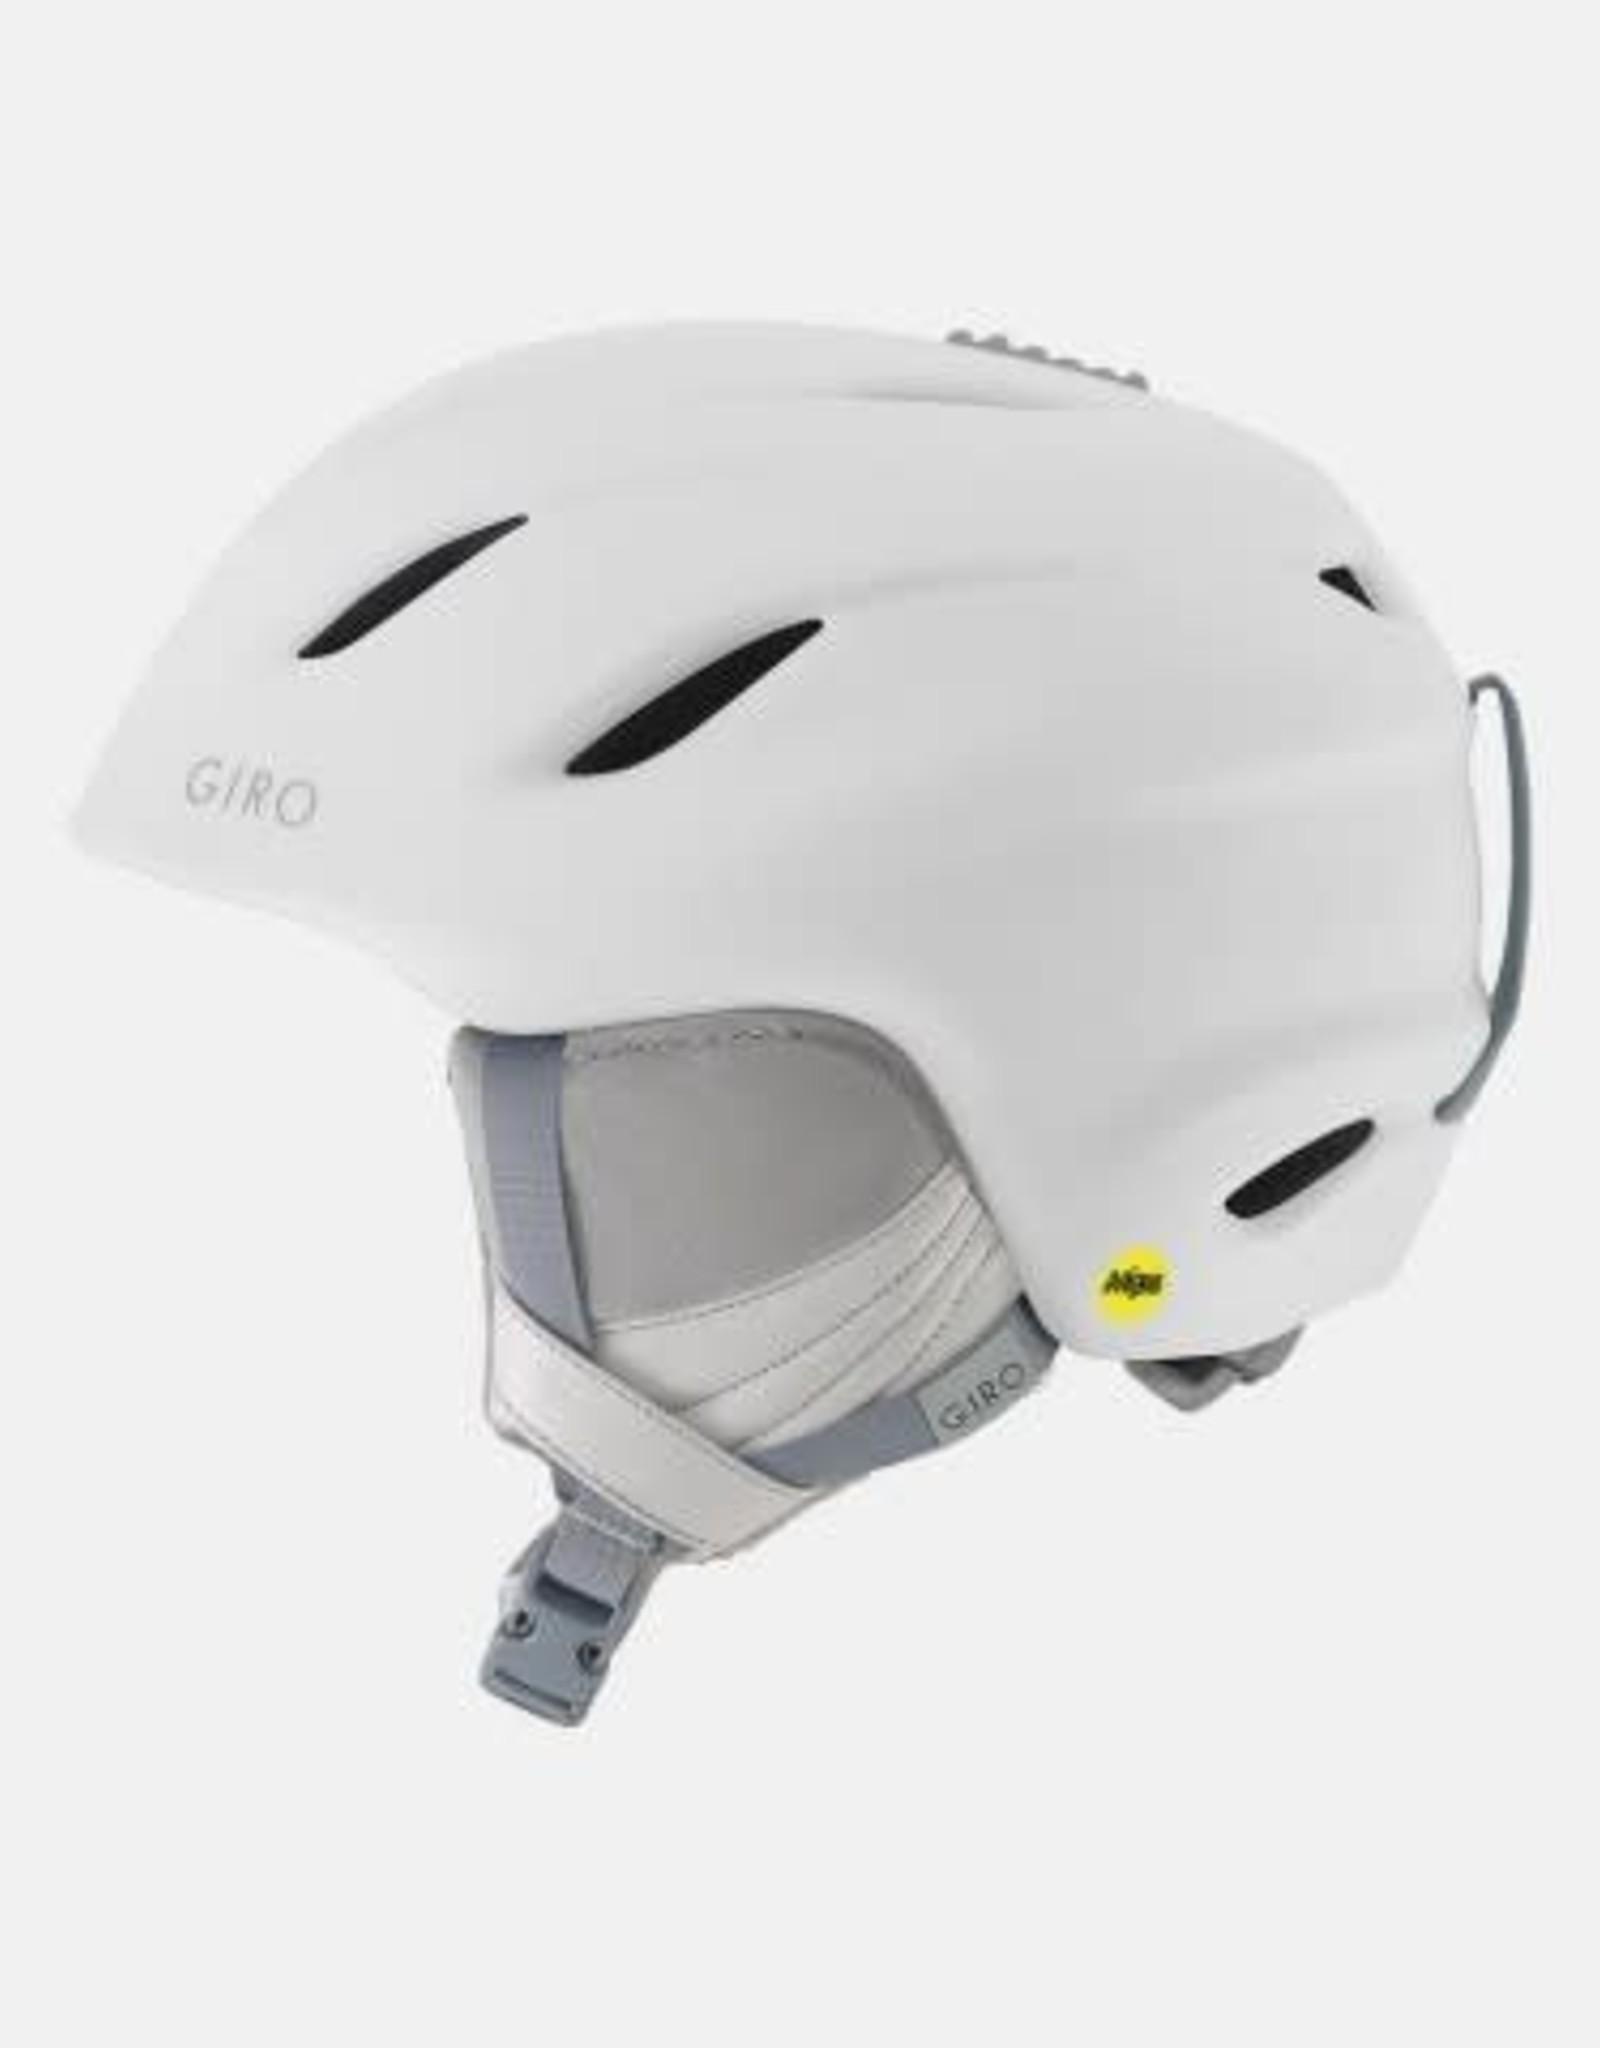 Giro - ERA MIPS* Helmet - Matte White -